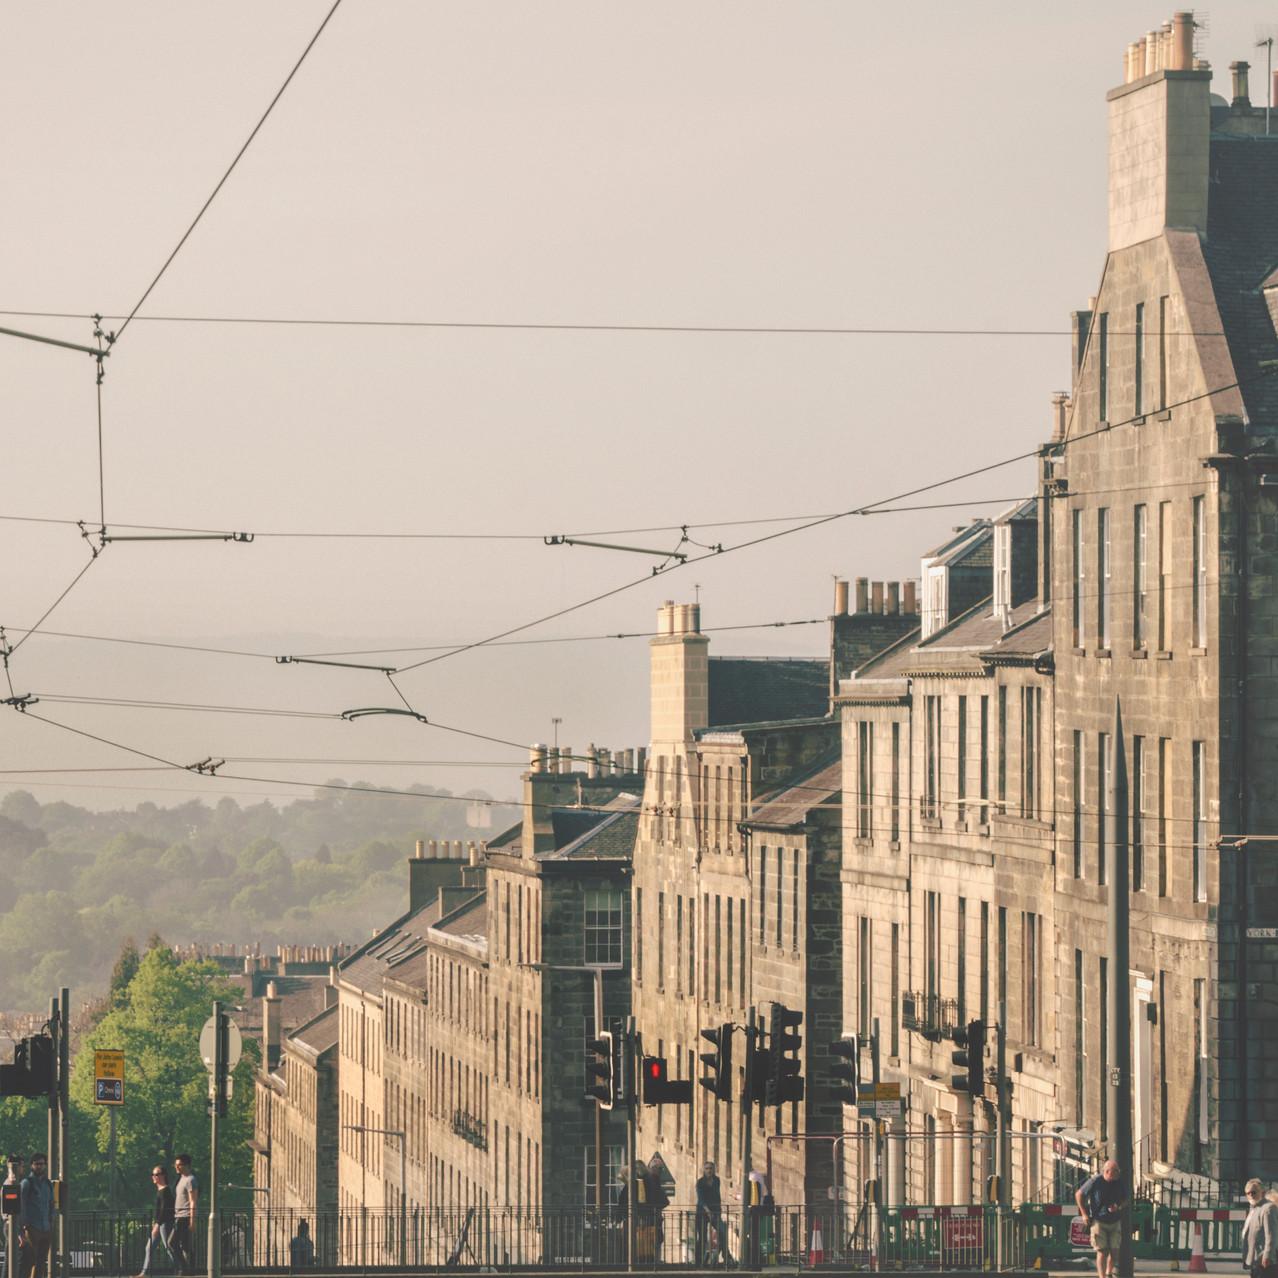 St. Andrew's Street, Edinburgh.